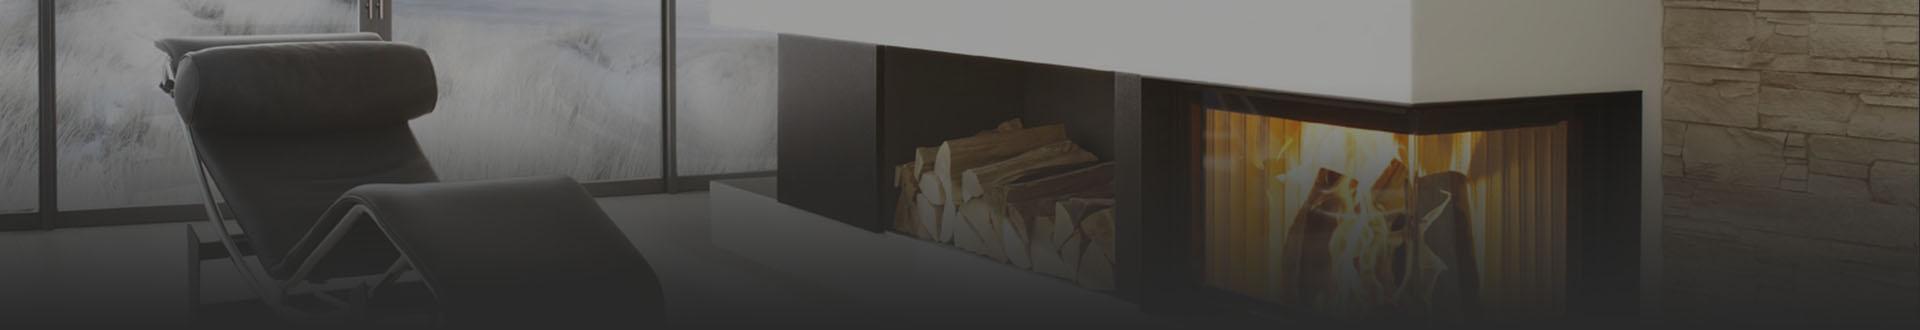 Galeria baner